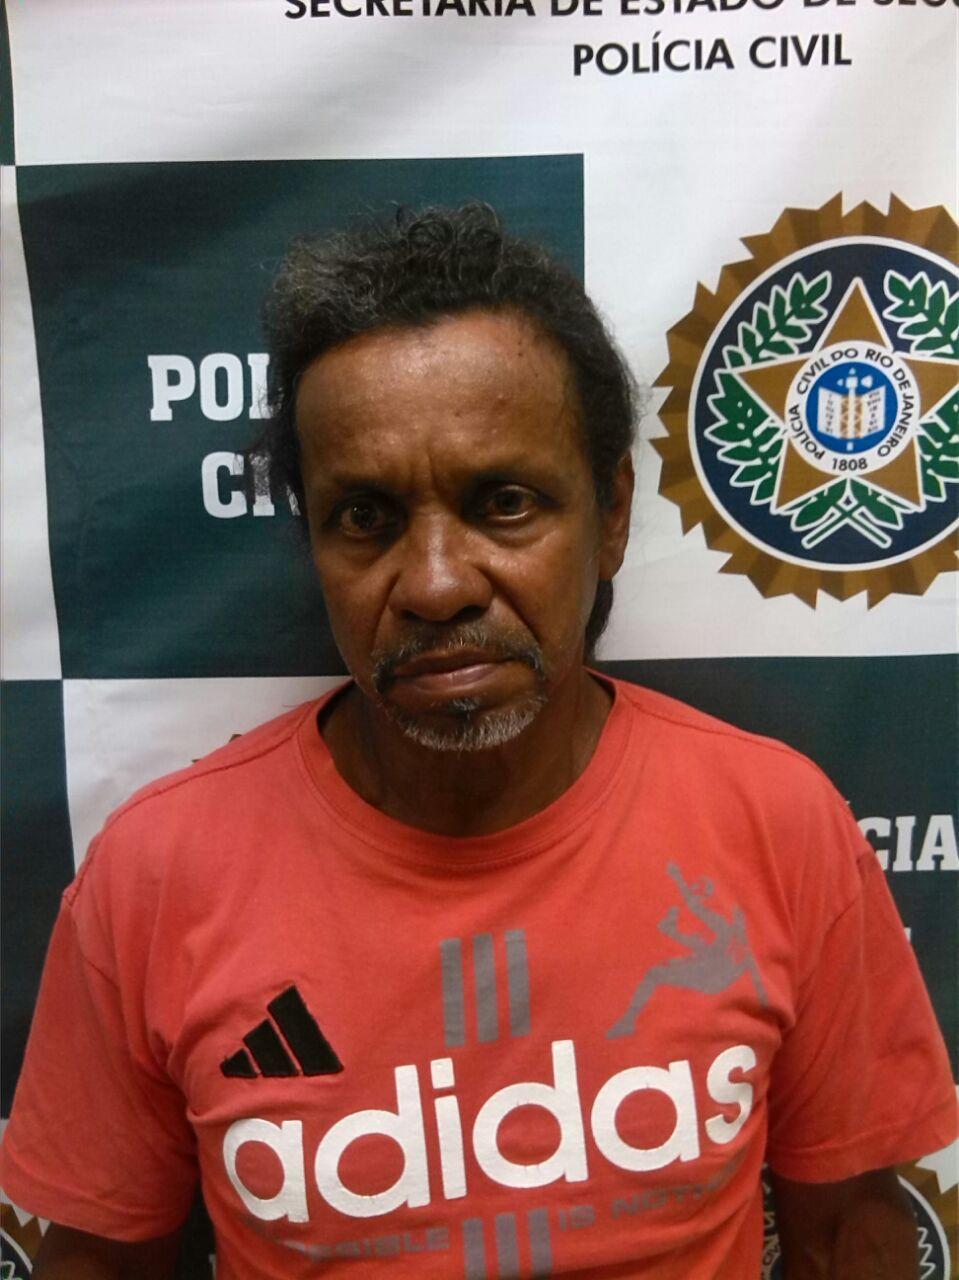 Manoel Alves foi depor e policiais descobriram que ele usava documento falso / Divulgação